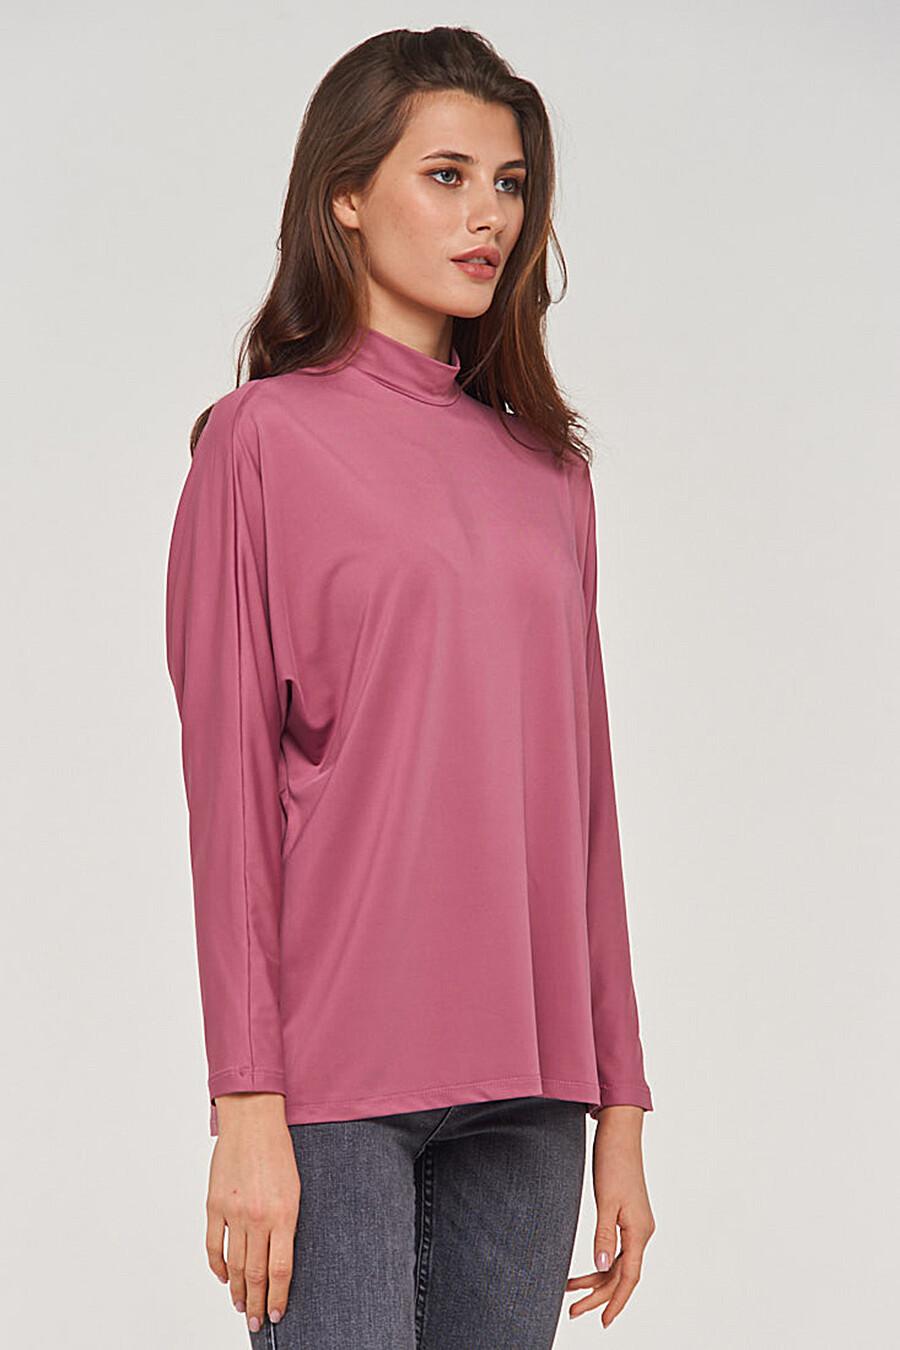 Водолазка для женщин VAY 155243 купить оптом от производителя. Совместная покупка женской одежды в OptMoyo